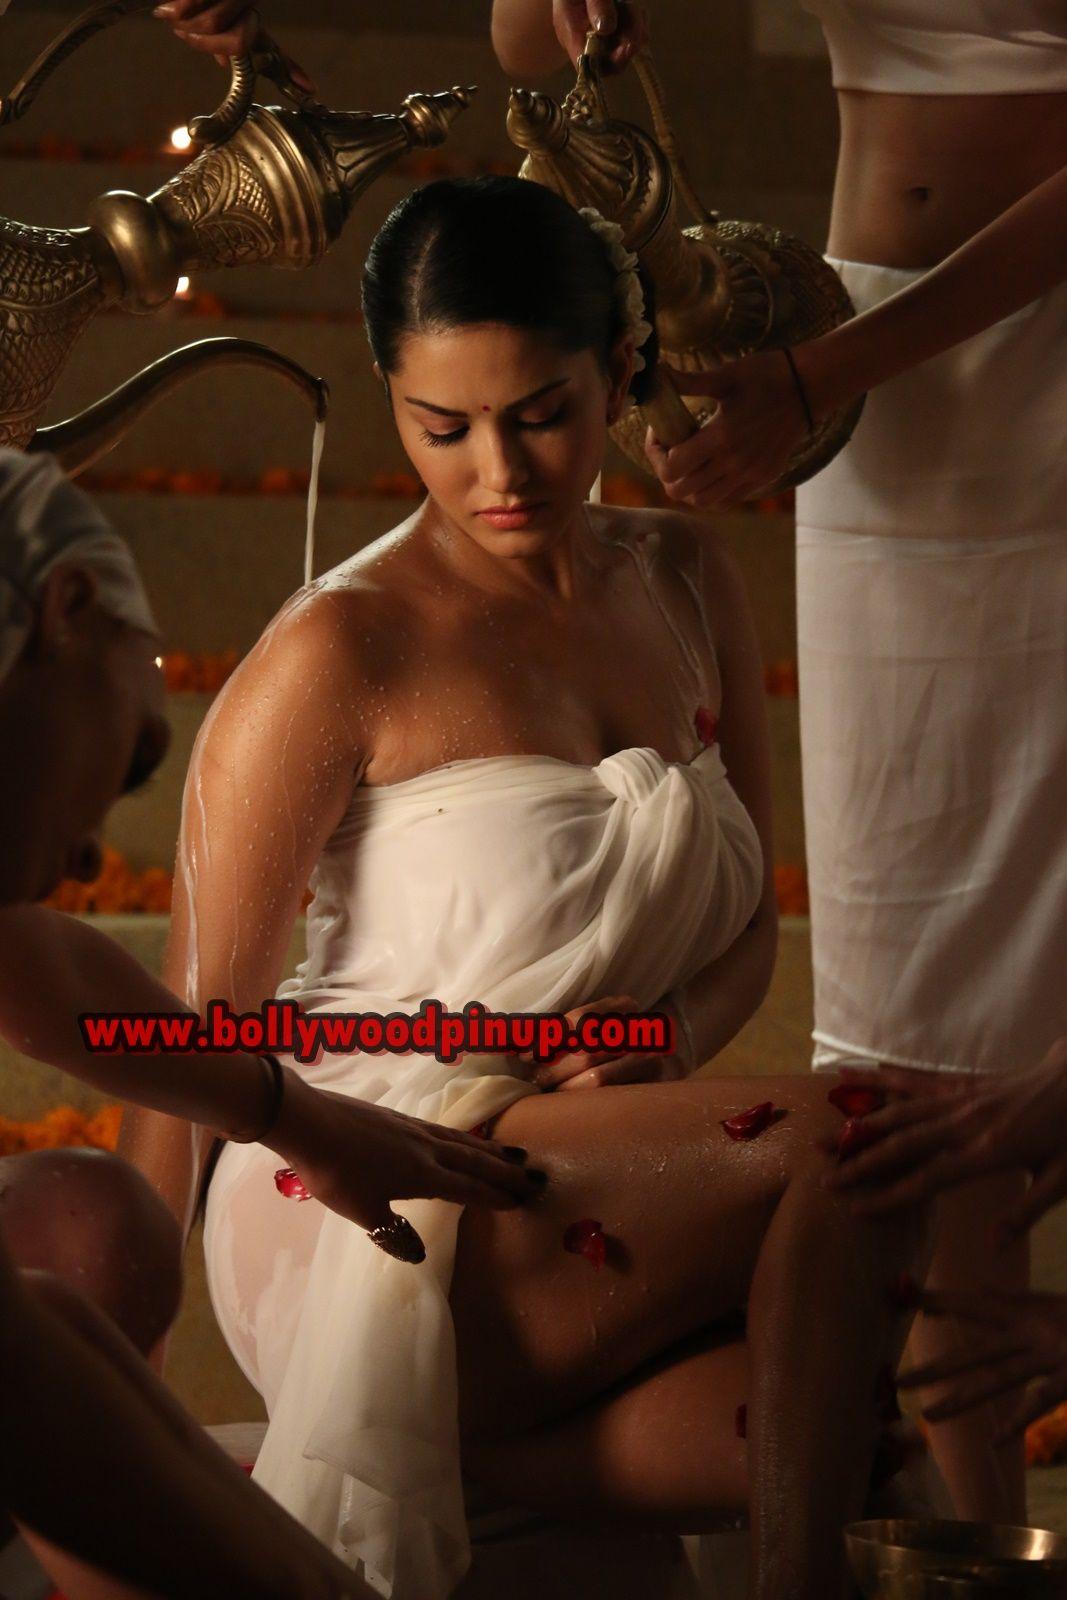 Sunny leone sex video hd movie-5587